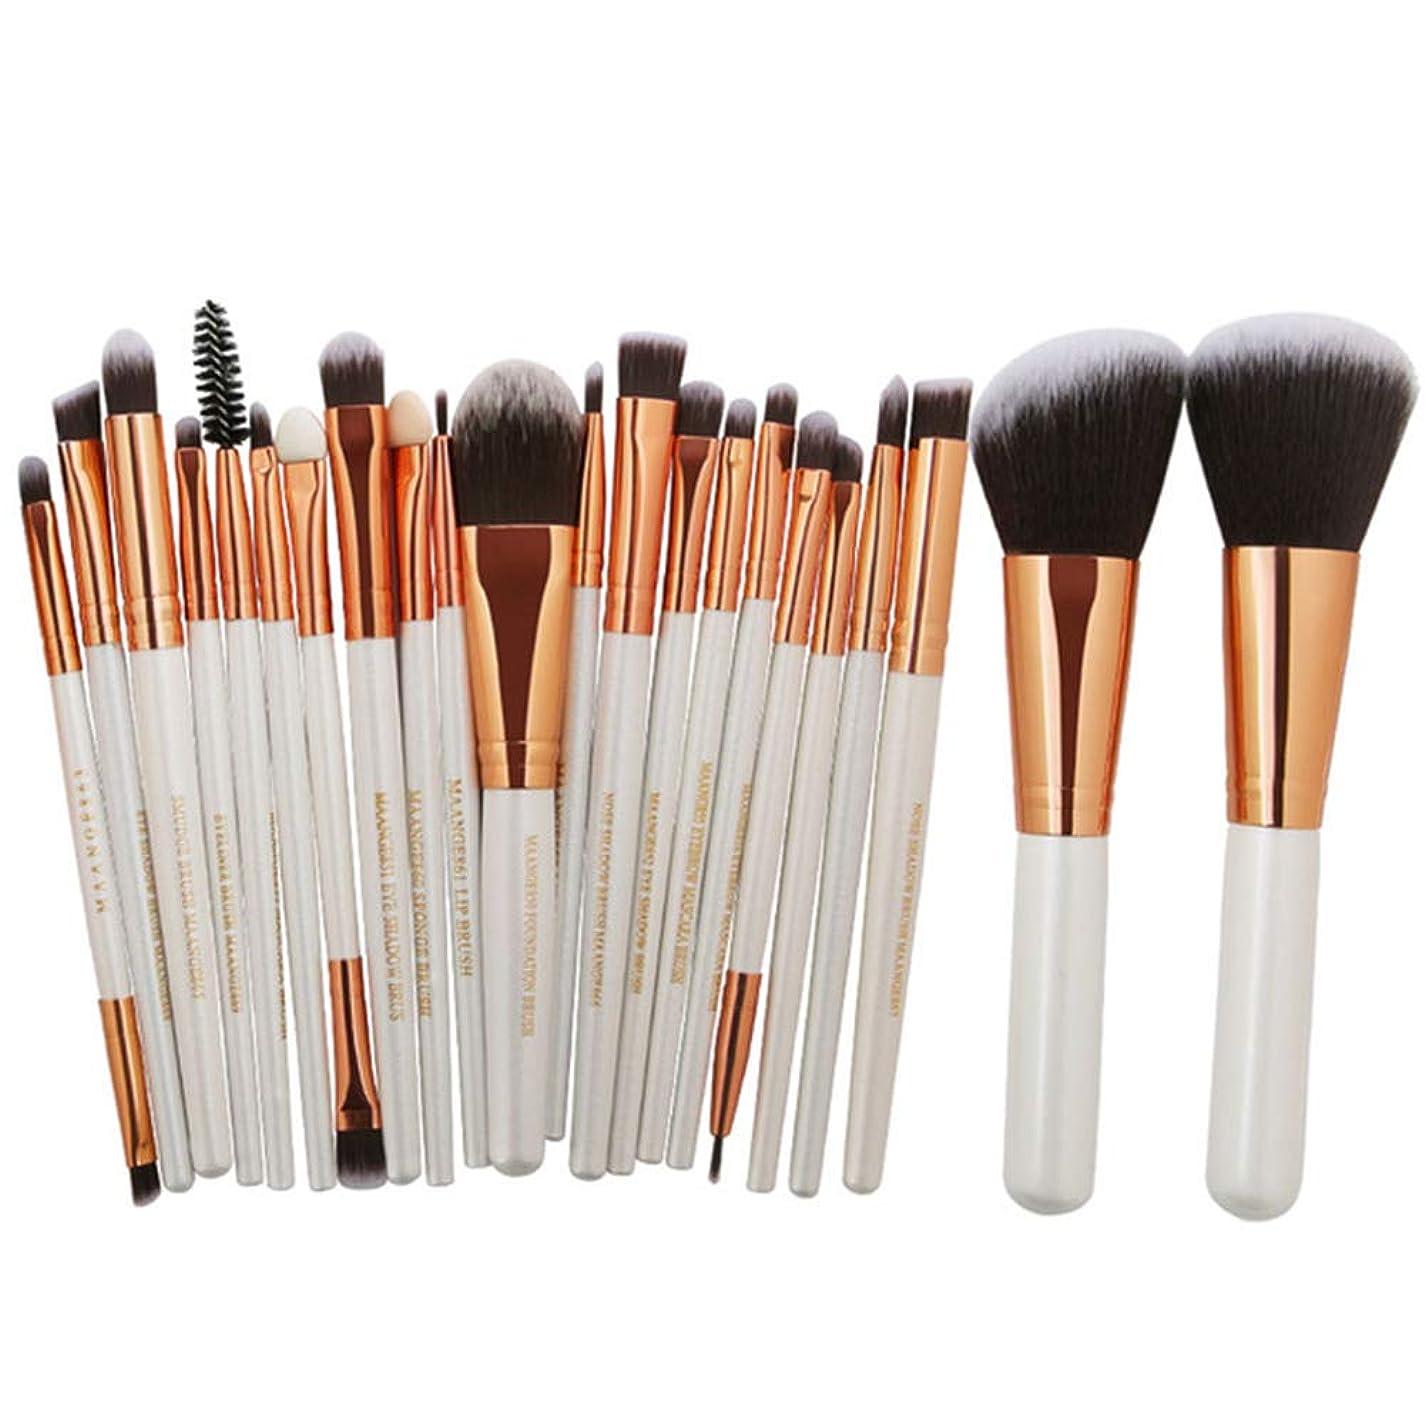 勝つ強います慣れるMitid 22 Pieces, Beauty Makeup Brushes Set Cosmetic Foundation Powder Blush Eye Shadow Lip Blend Make Up Brush Tool Kit (White Gold)